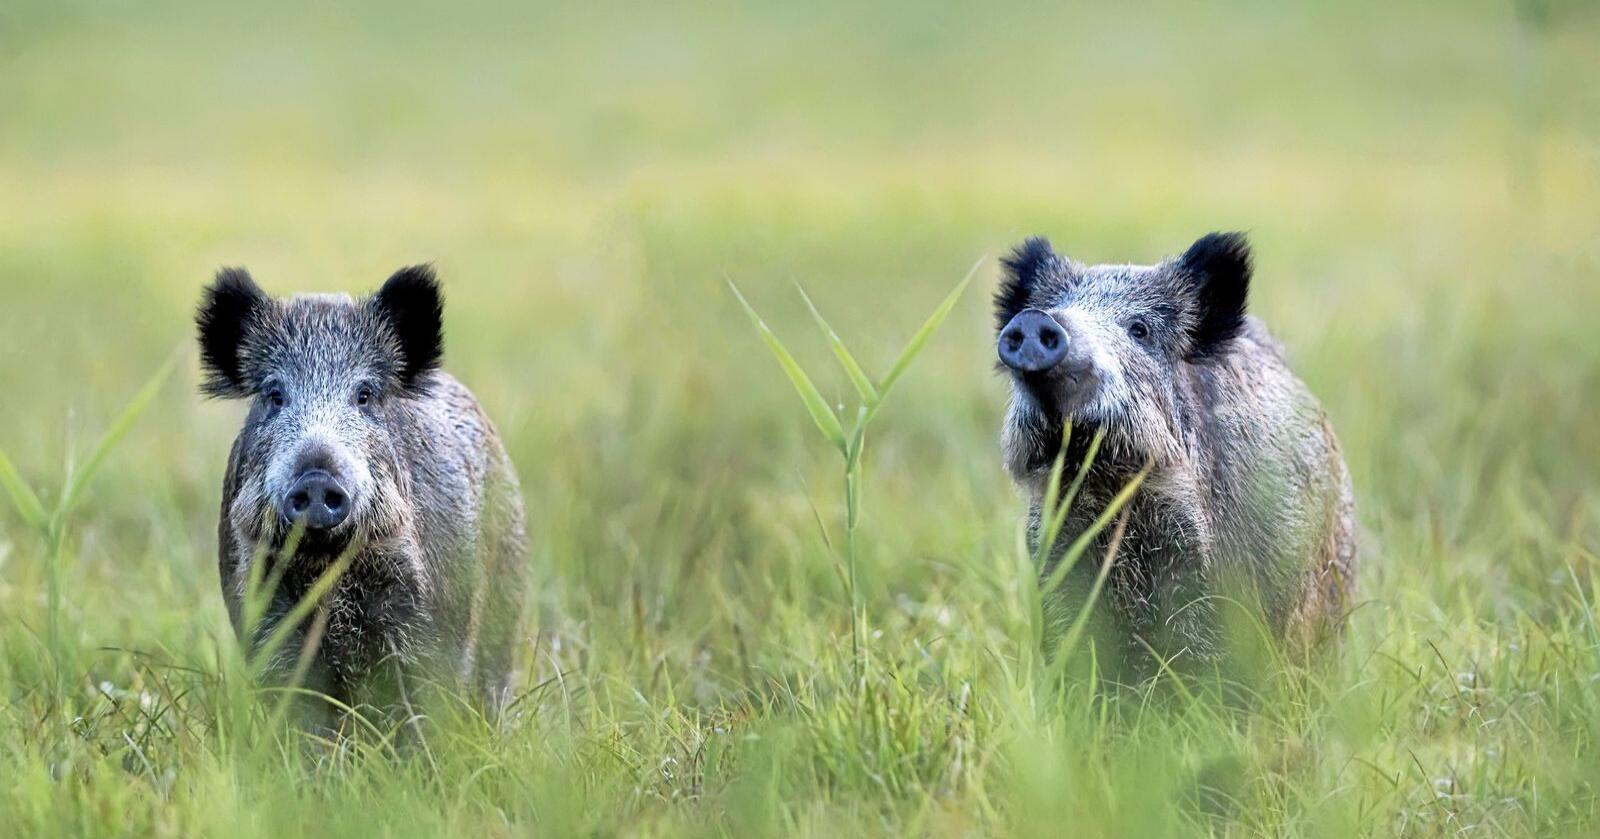 UØNSKET: I Norge står villsvinet på svartelista, mens i Sverige er arten regnet som en innfødt art. På grunn av flytting og fôring teller den svenske bestanden cirka 150 000 dyr. Illustrasjonsfoto: Mostphotos.